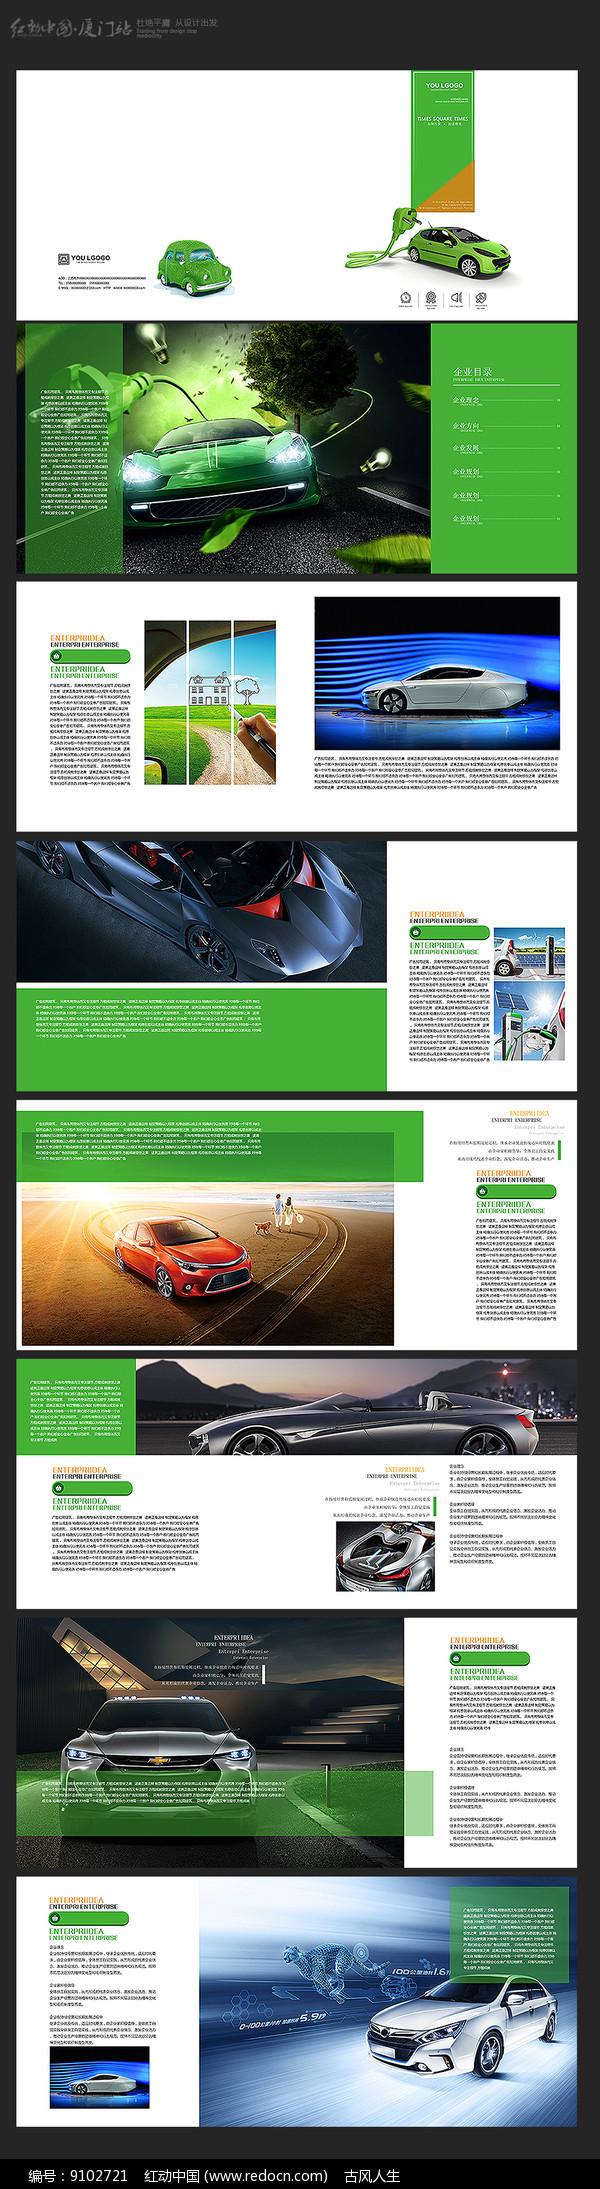 绿色新能源汽车宣传画册